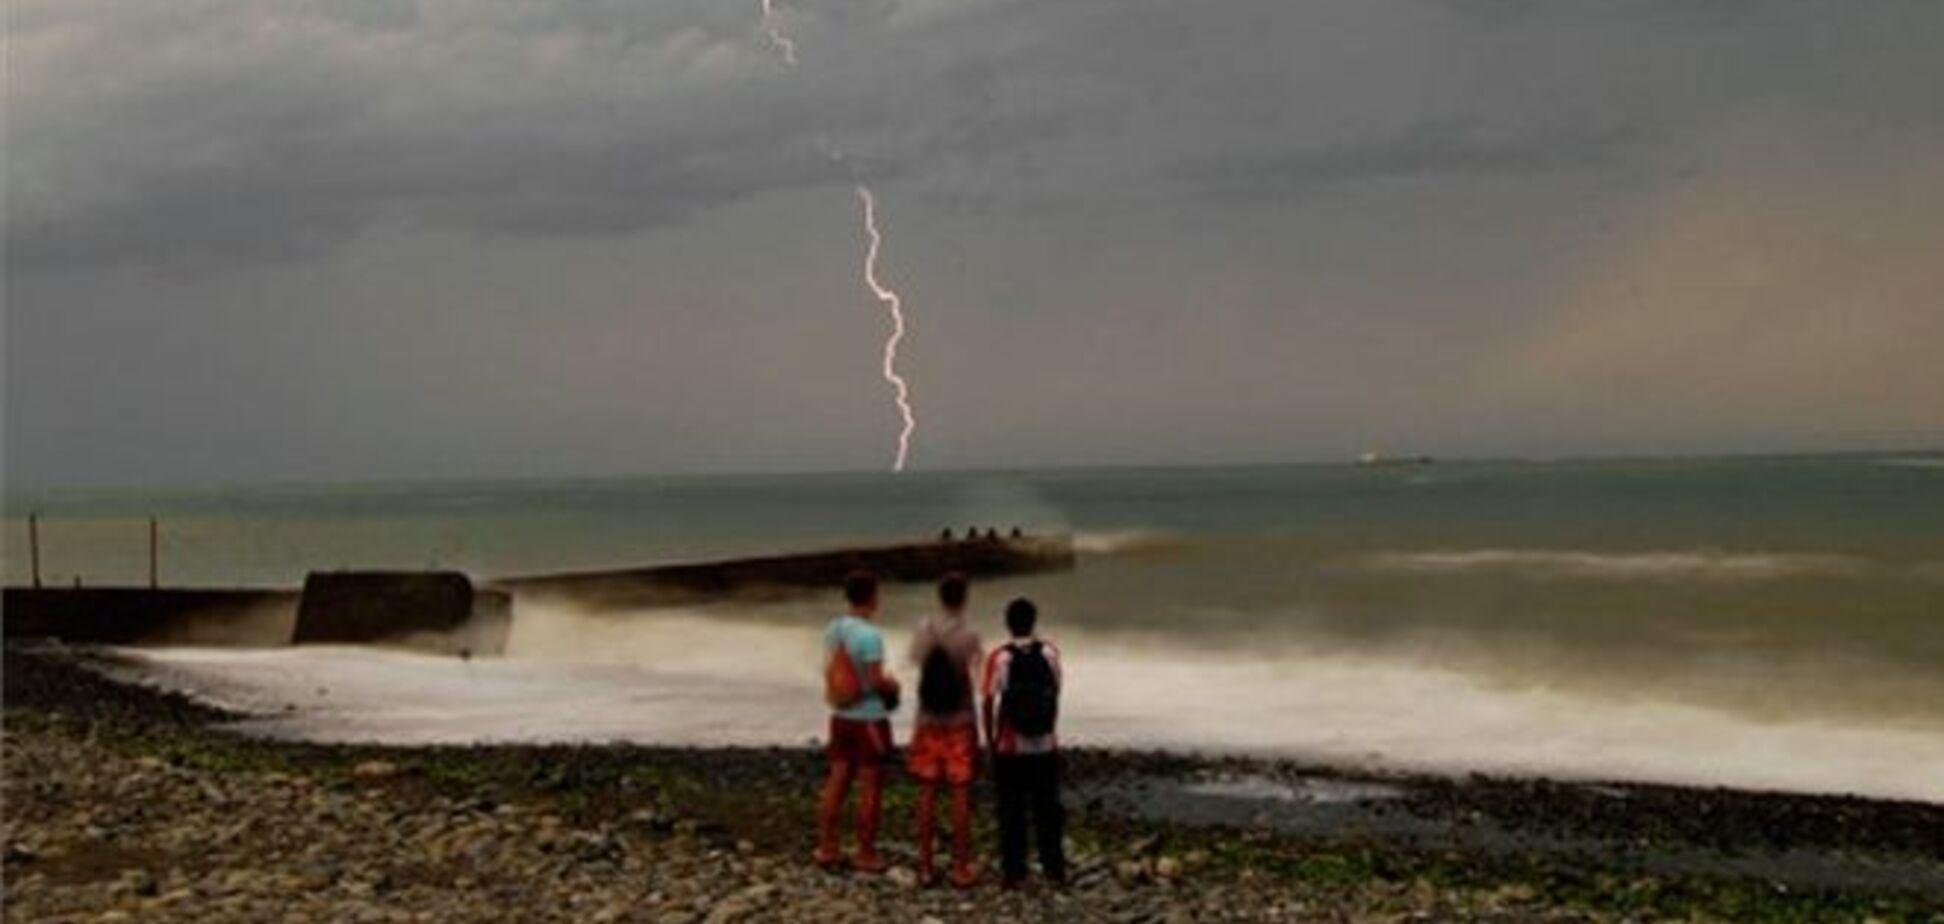 Над Чорним морем очікується формування смерчів